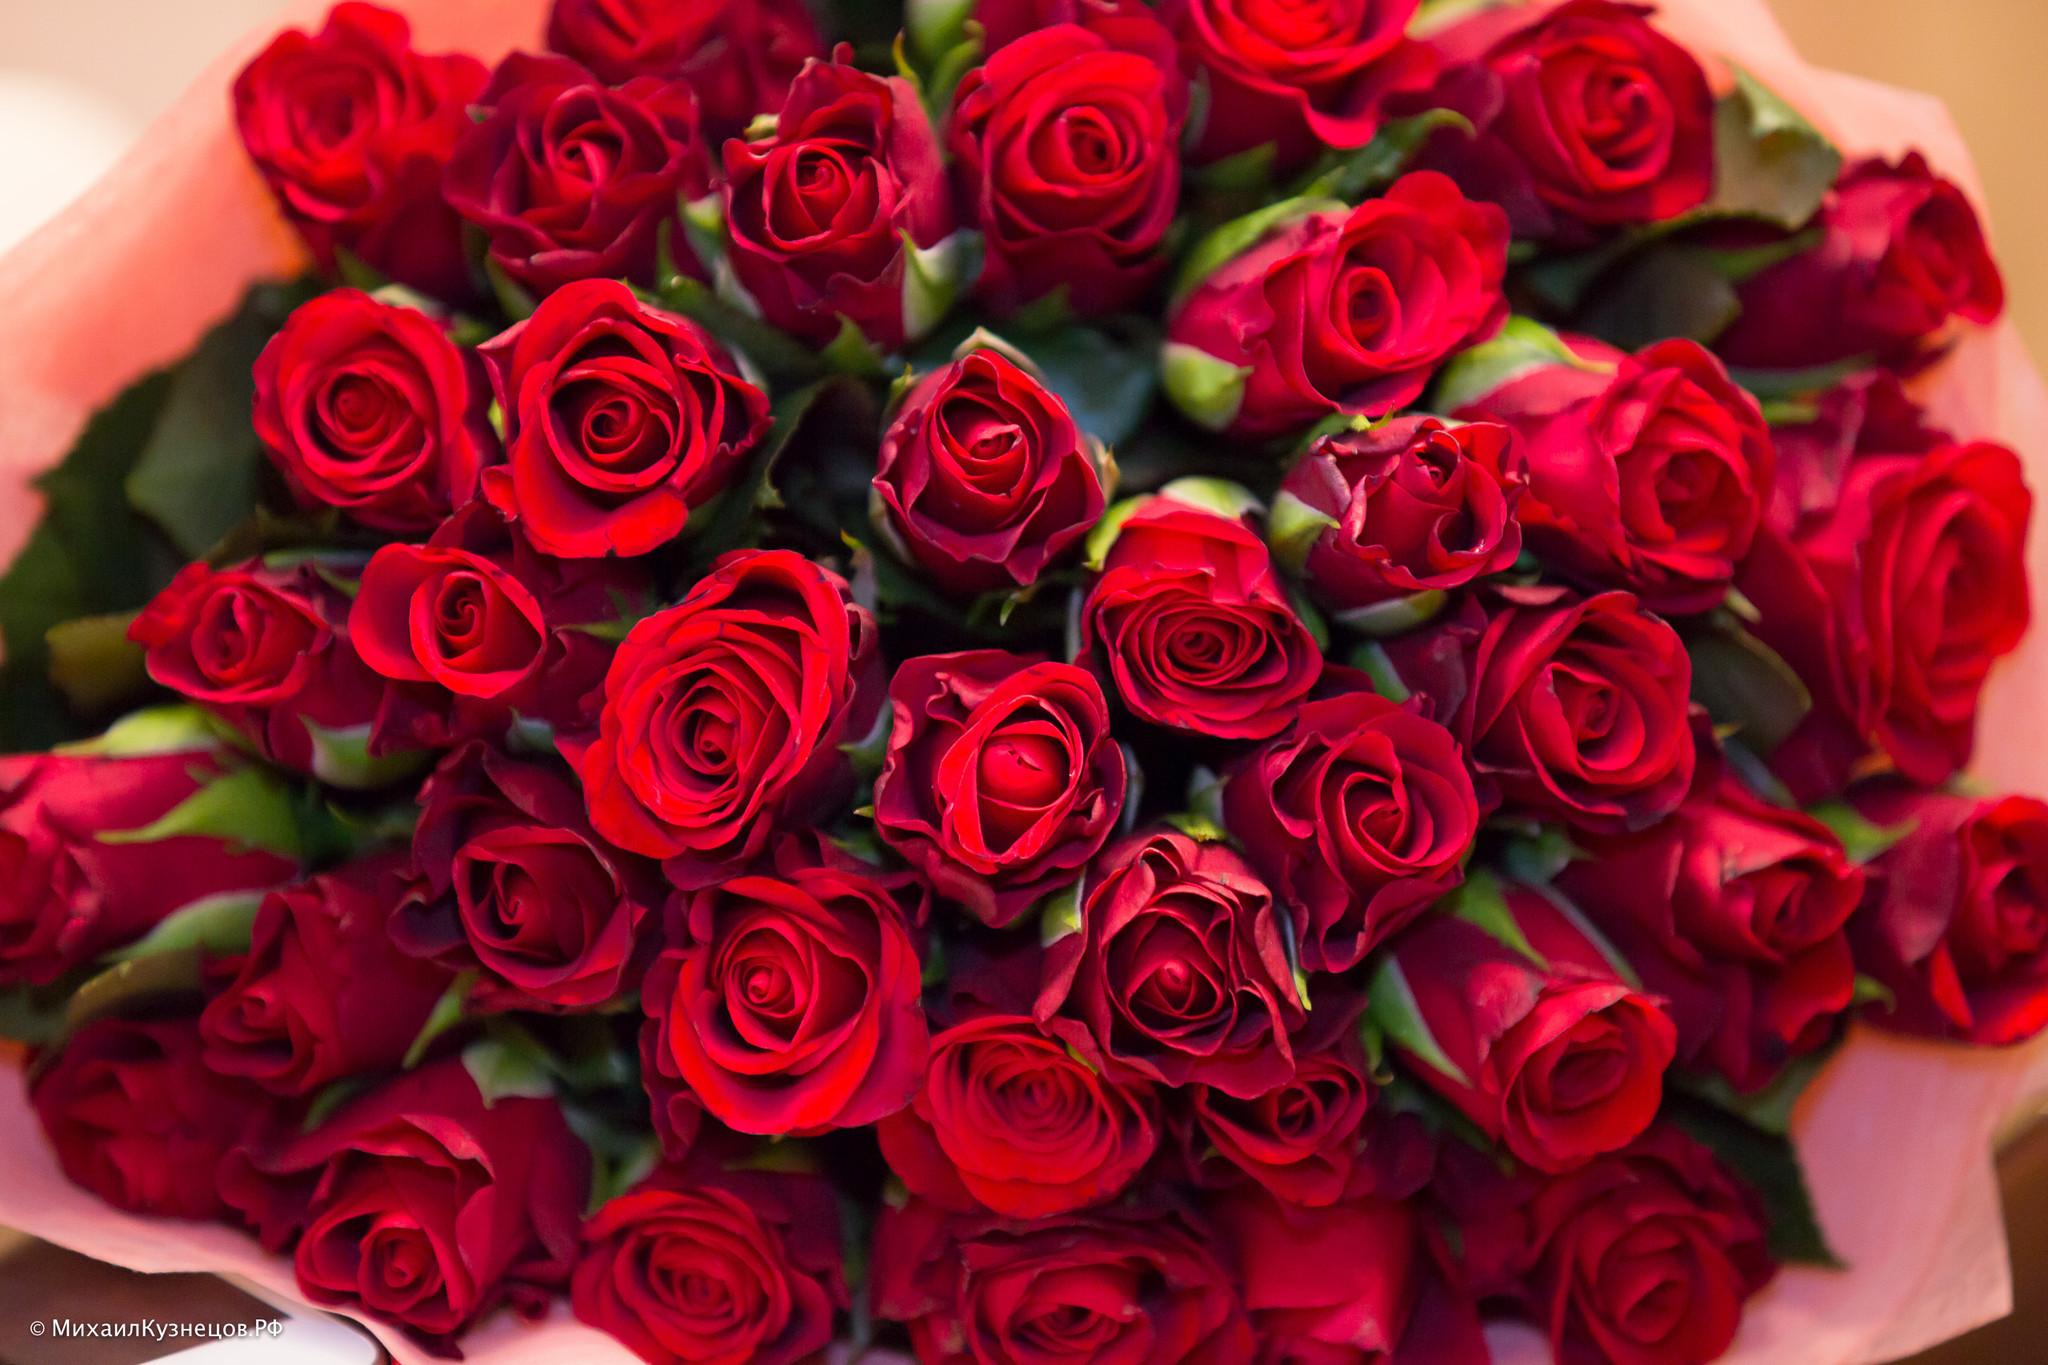 А какие цветы вам соответствуют по знаку Зодиака, принося любовь, удачу, благополучие? Не знаете? Читаем!